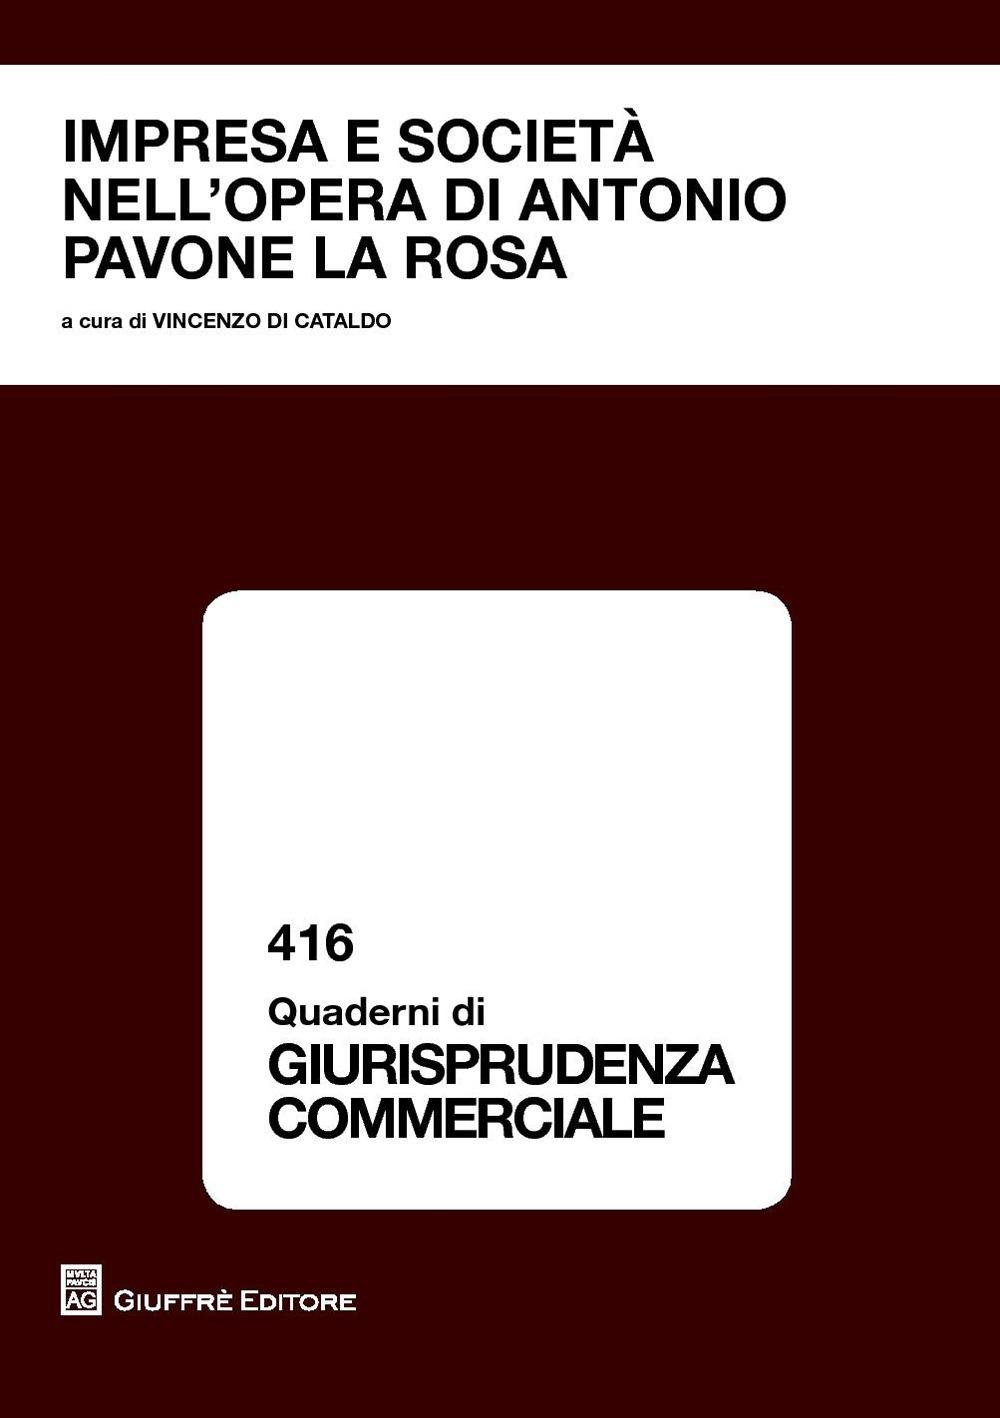 Impresa e societànell'opera di Antonio Pavone La Rosa. Atti del Convegno di studio (Catania, 23 ottobre 2015)